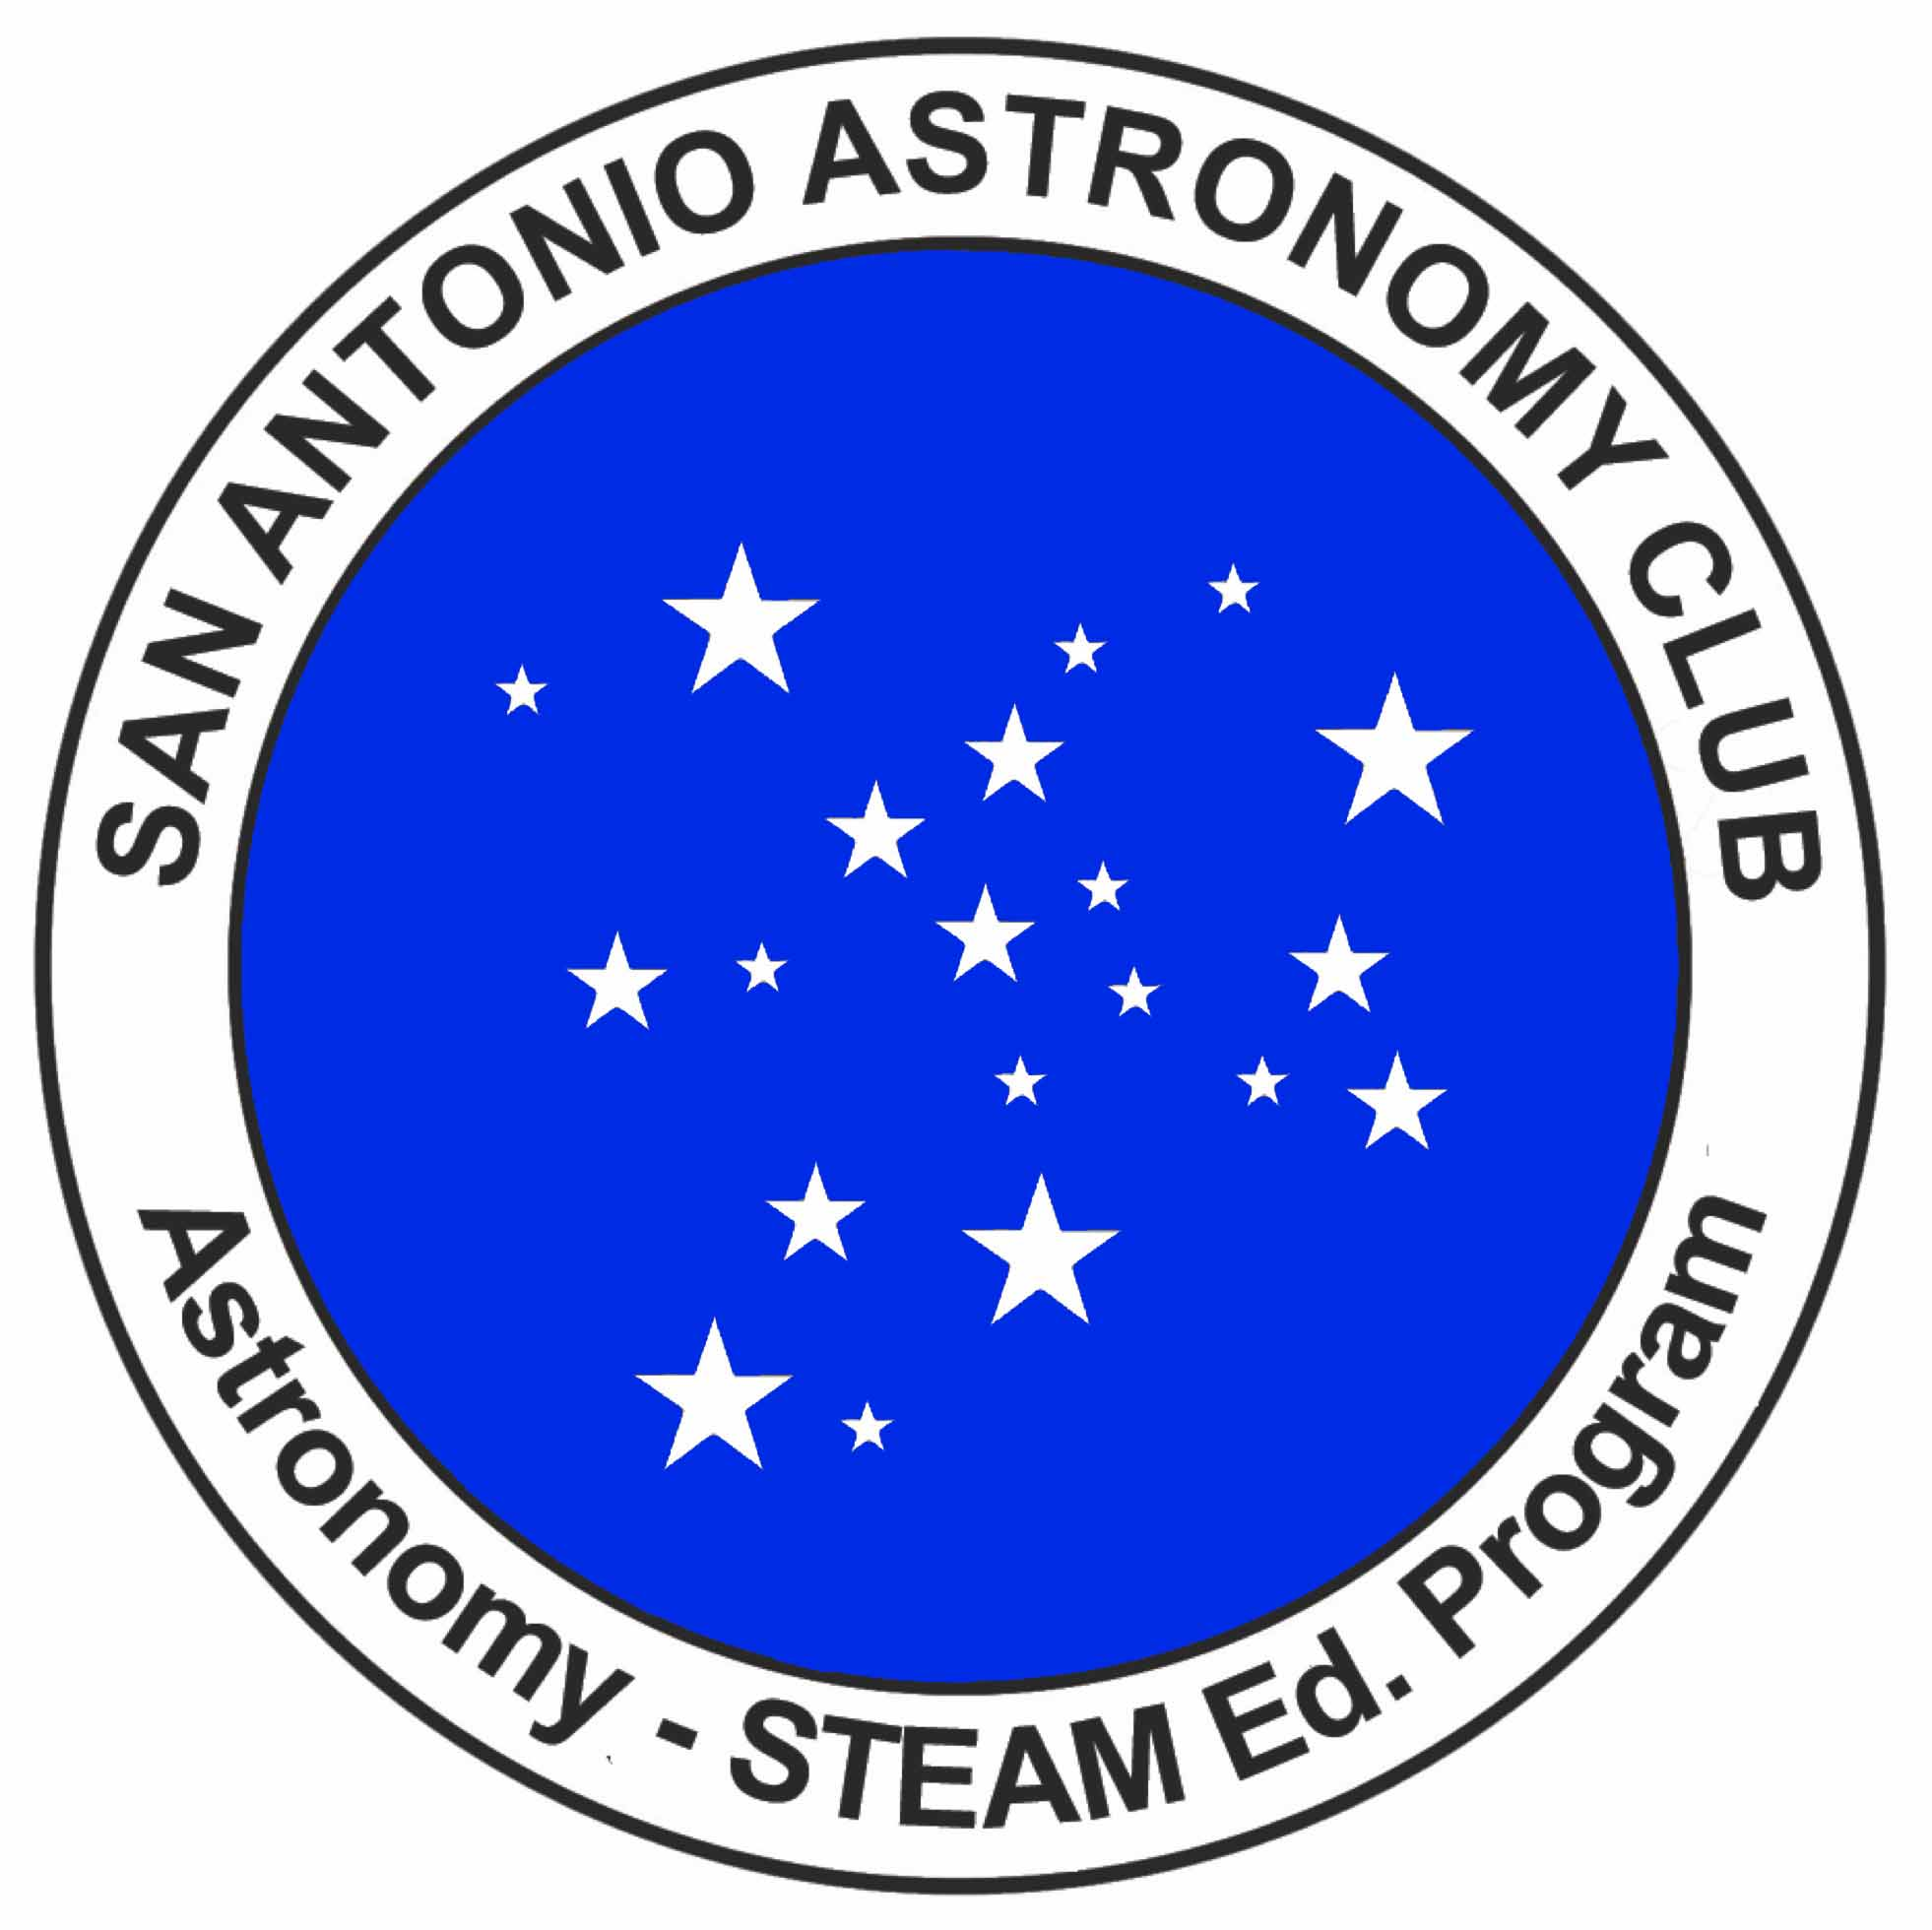 nasa jpl caltech logo - photo #41